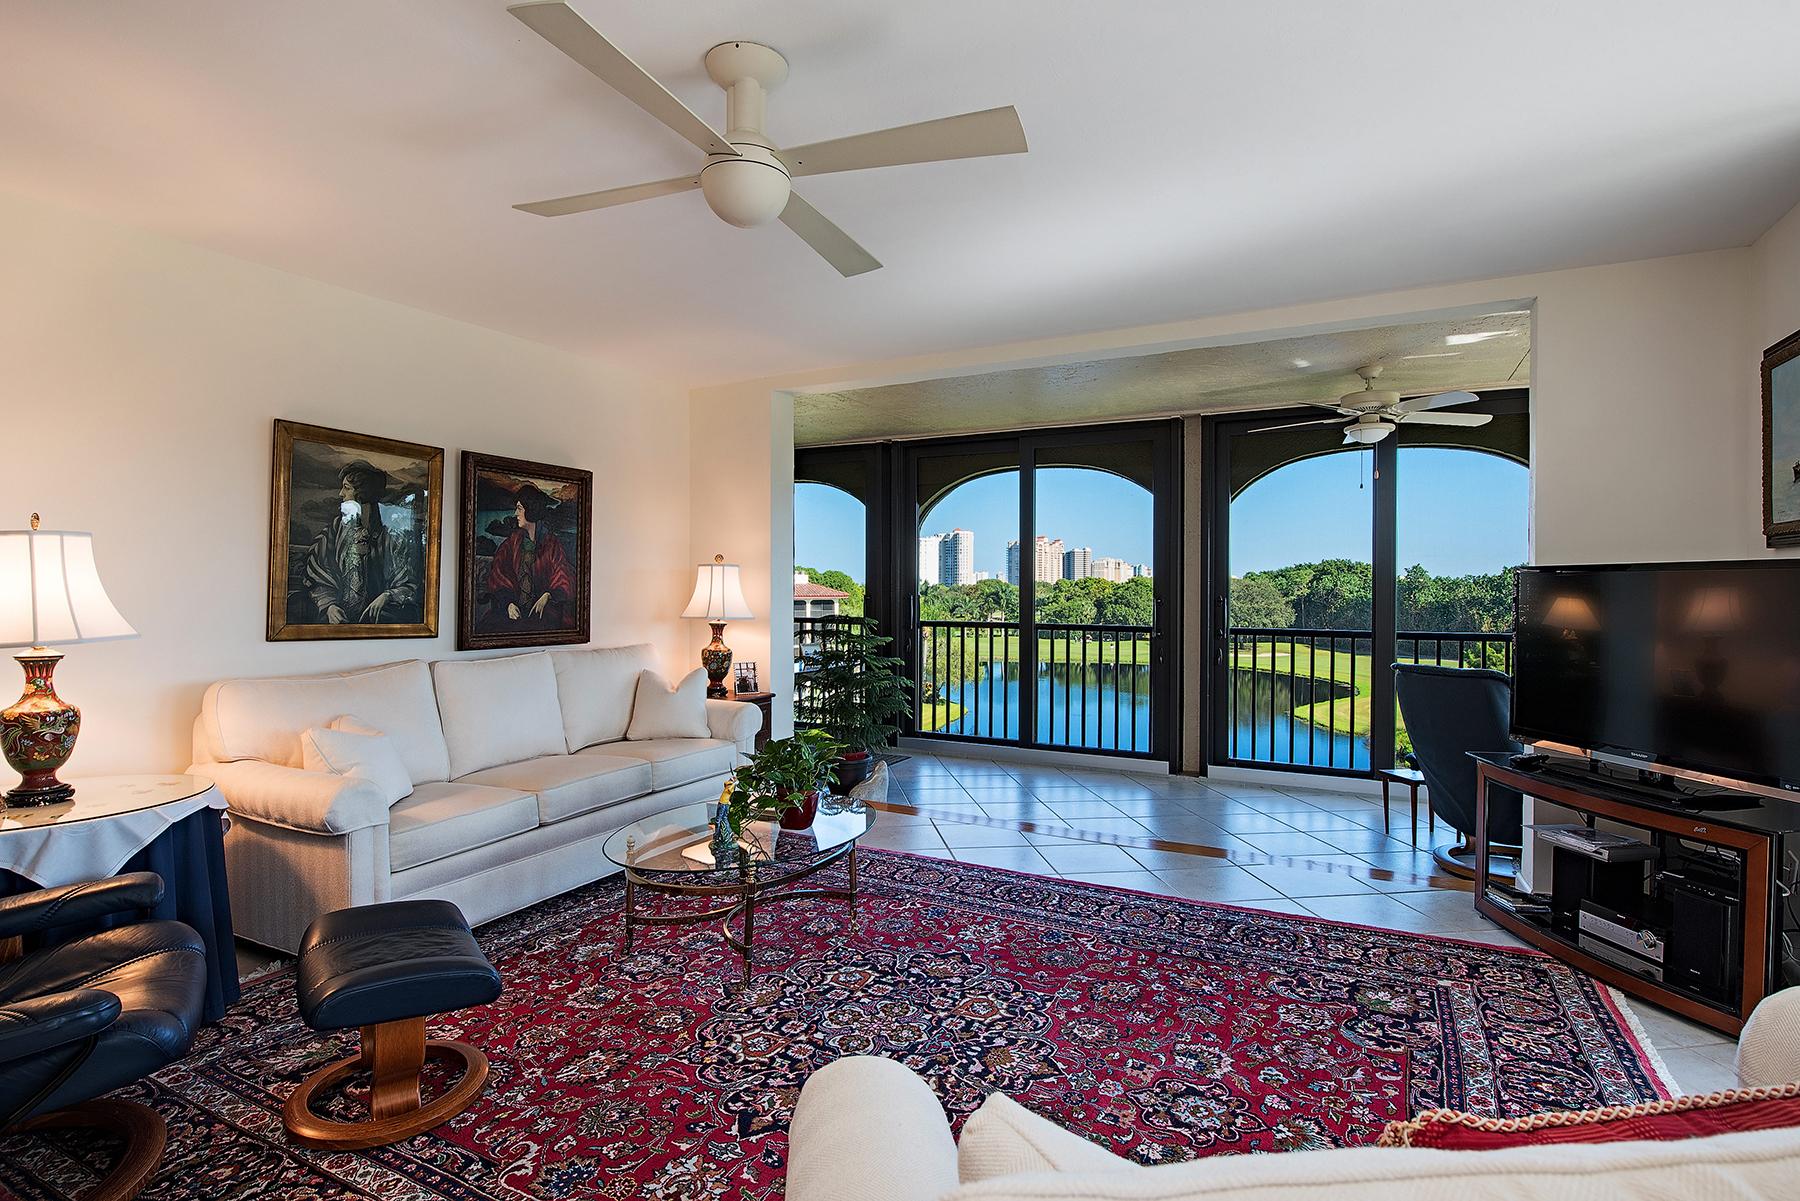 Nhà chung cư vì Bán tại PELICAN BAY - CHATEAUMERE CHATEAUMERE 6020 Pelican Bay Blvd E-404 Naples, Florida, 34108 Hoa Kỳ